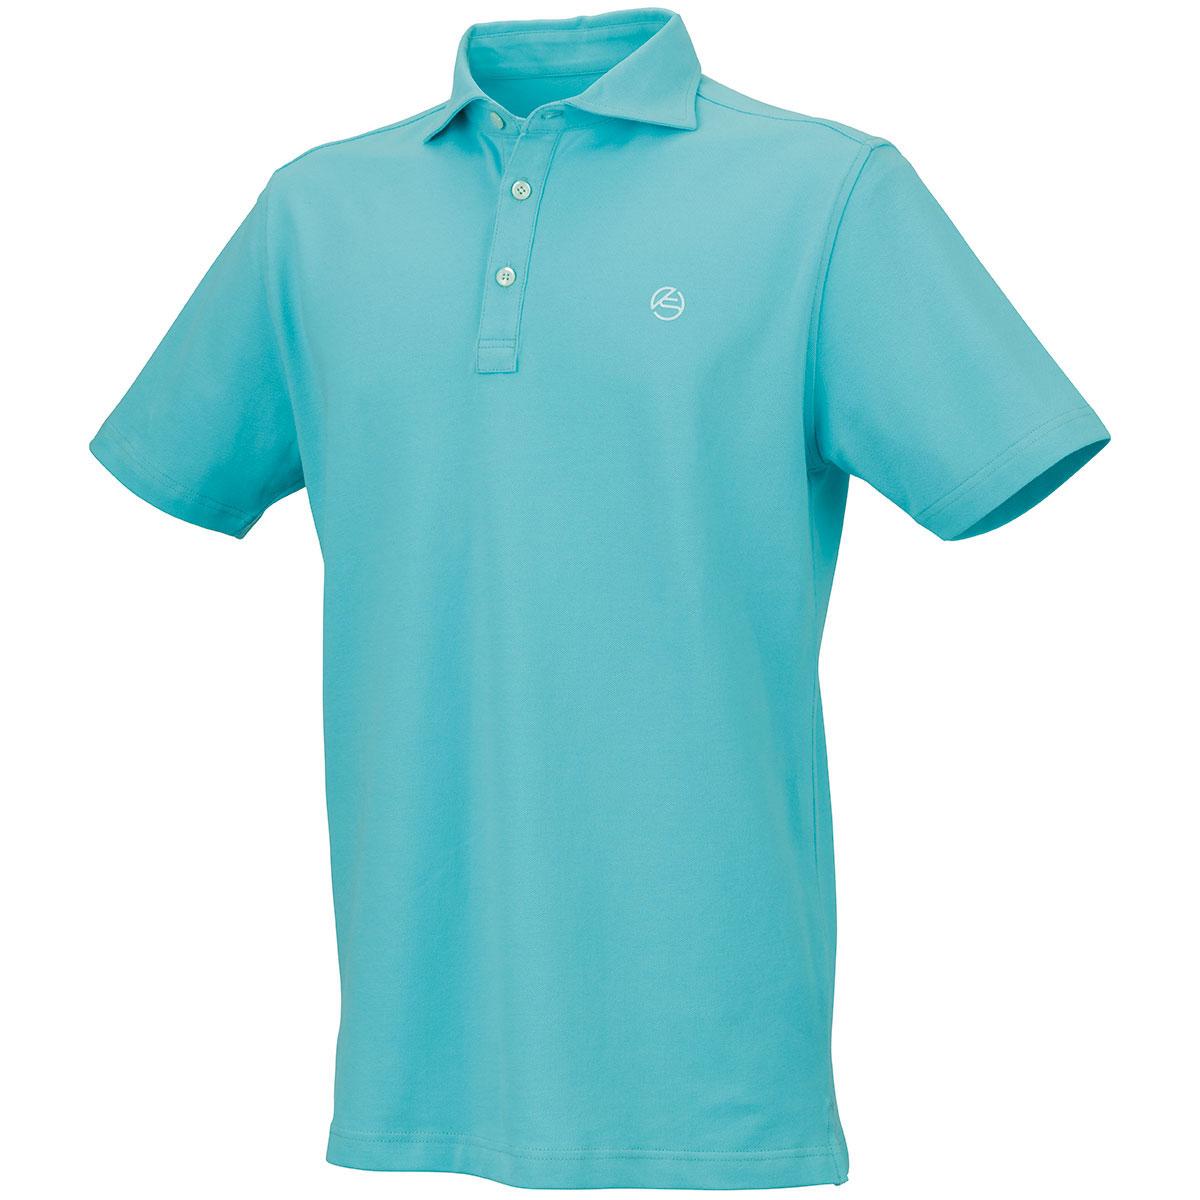 ストレッチ鹿の子 ホリゾンタルカラー半袖ポロシャツ